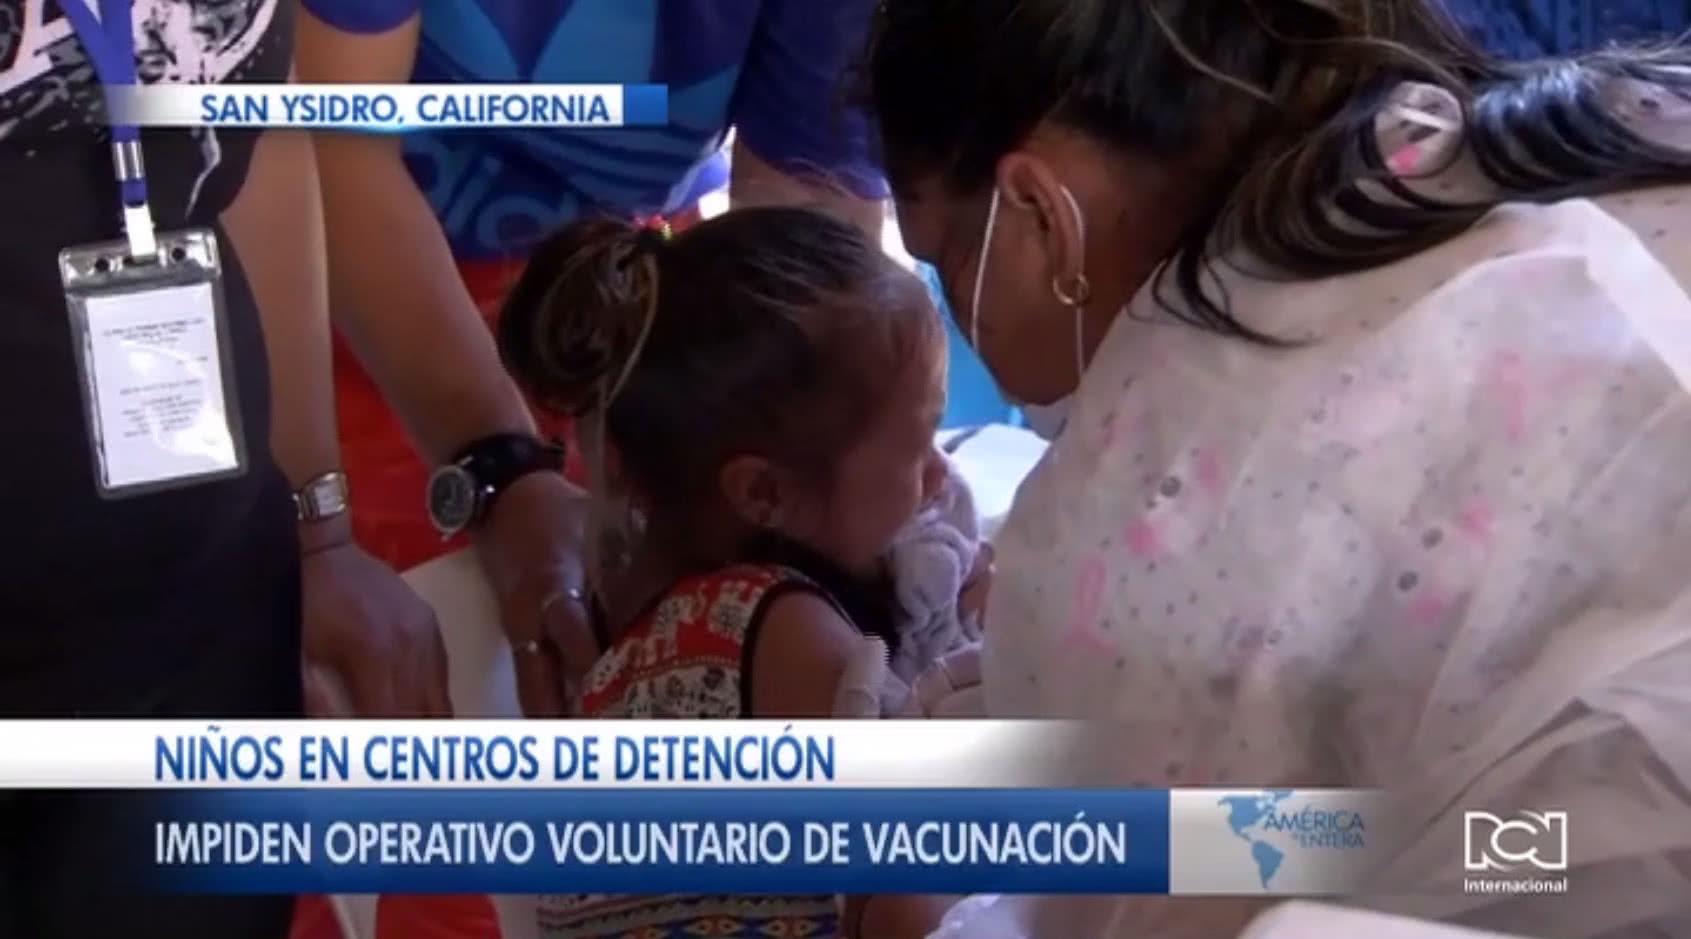 Patrulla Fronteriza de Estados Unidos impidió jornada de vacunación a niños migrantes